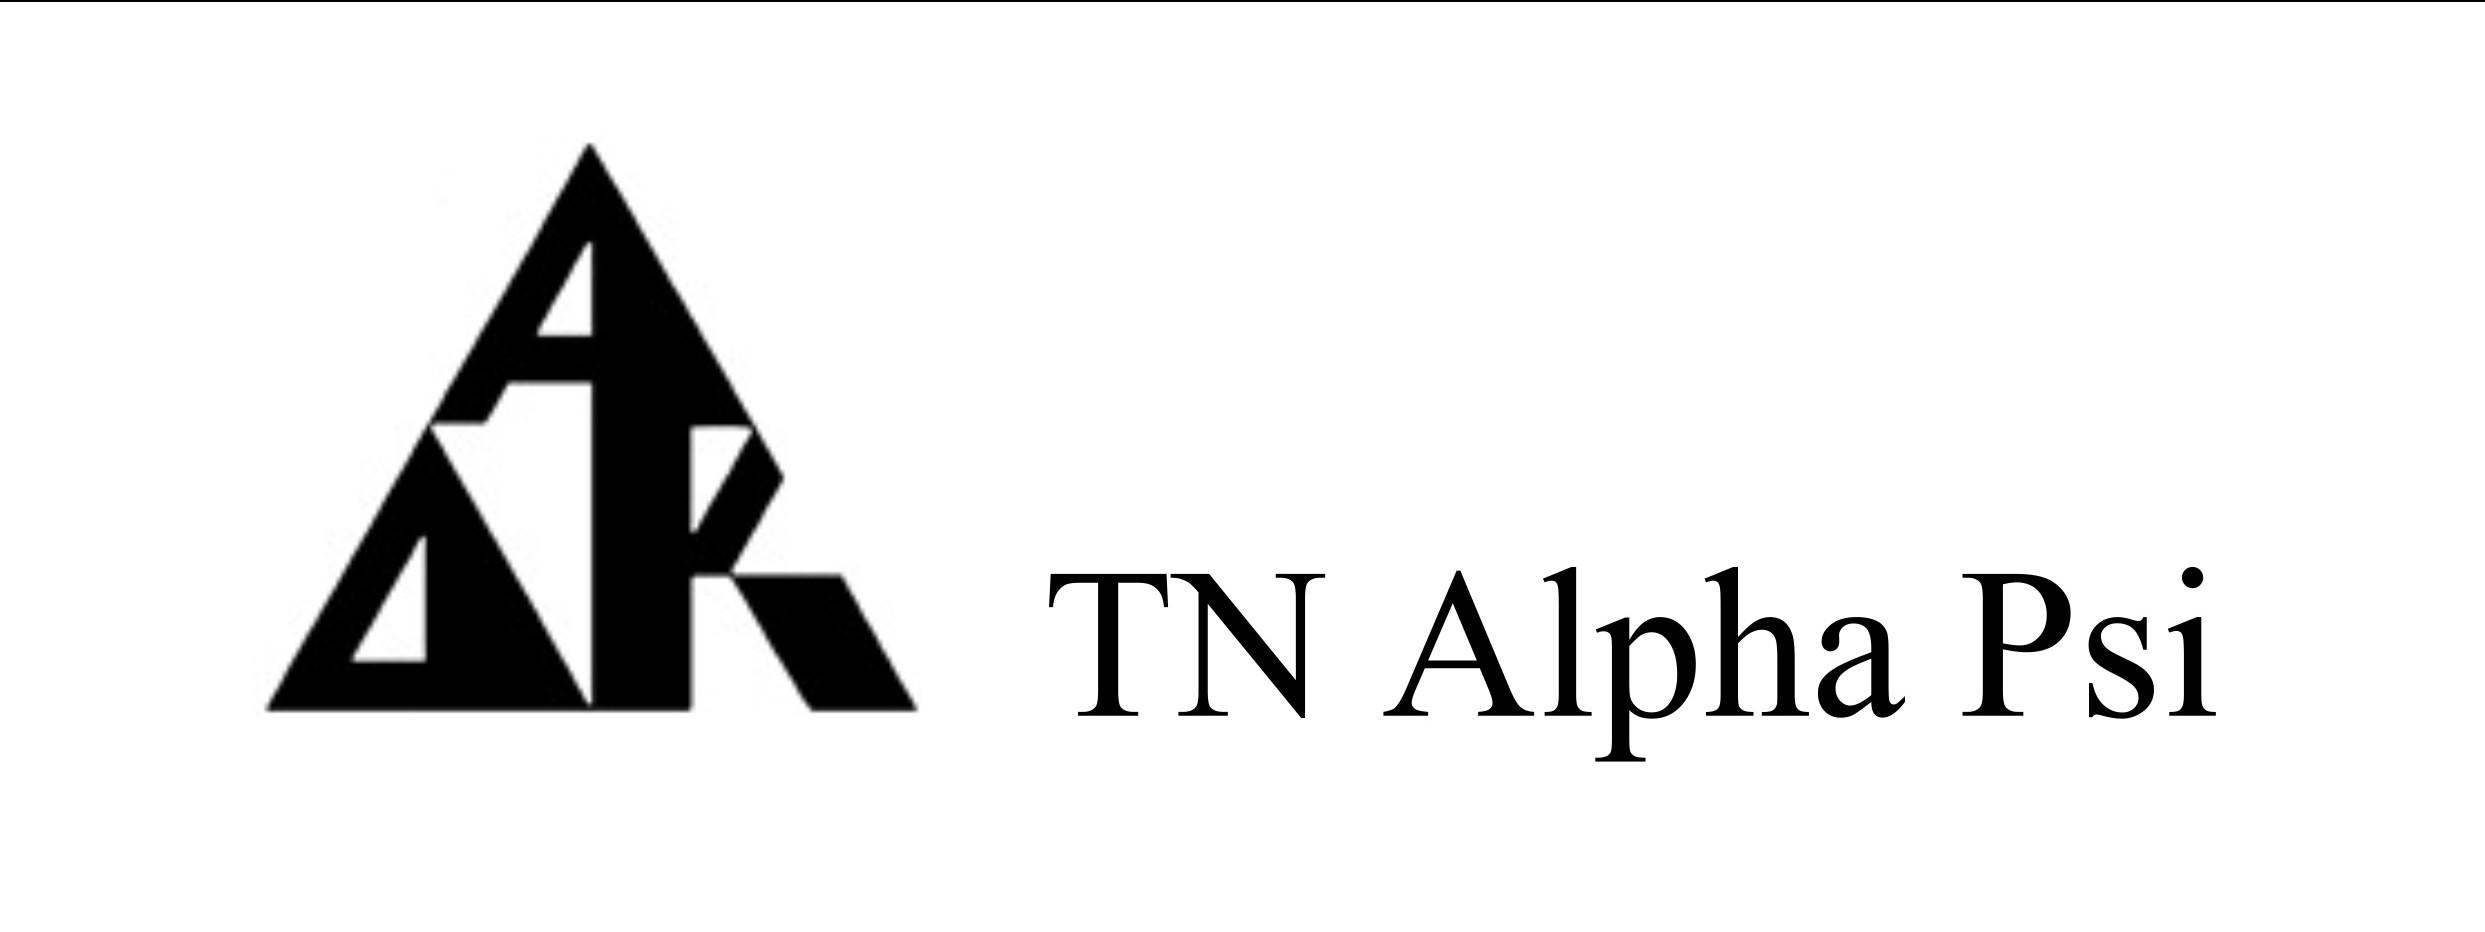 Alpha Delta Kappa